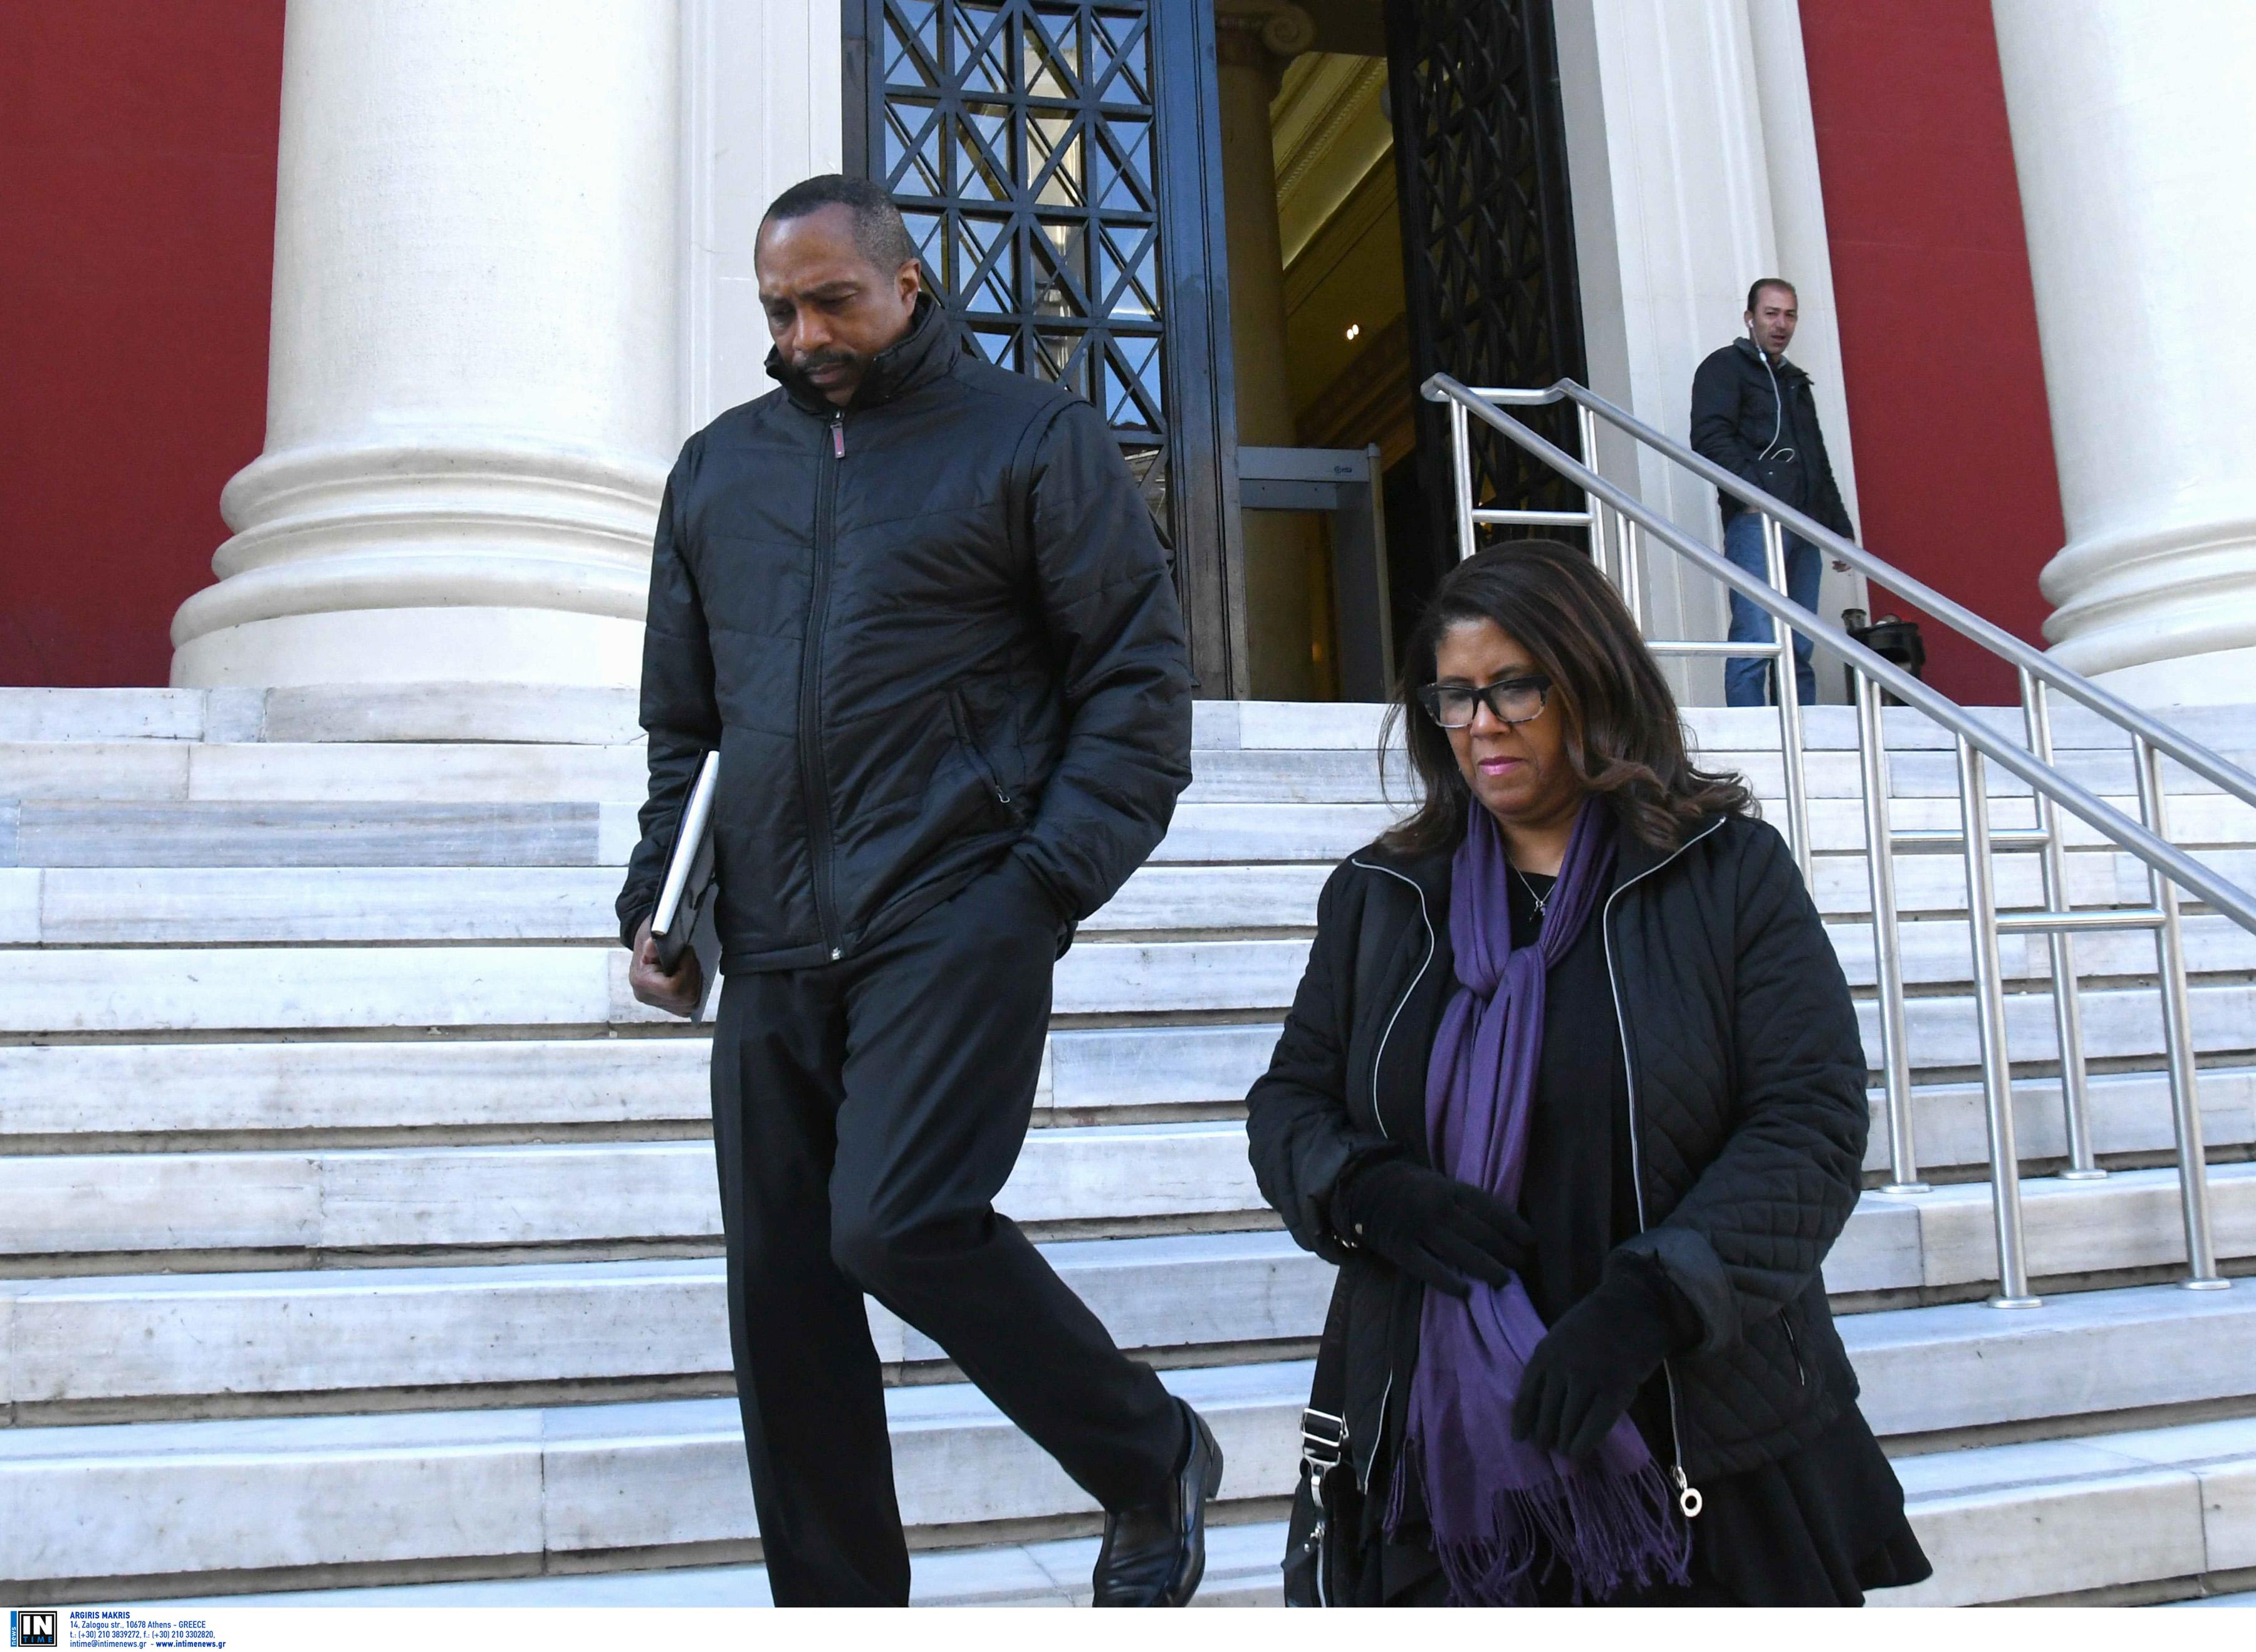 Πάτρα: Συγκίνησαν οι χαροκαμένοι γονείς του Μπακάρι Χέντερσον! Διακόπηκε η δίκη για τη δολοφονία του παιδιού τους [pics]